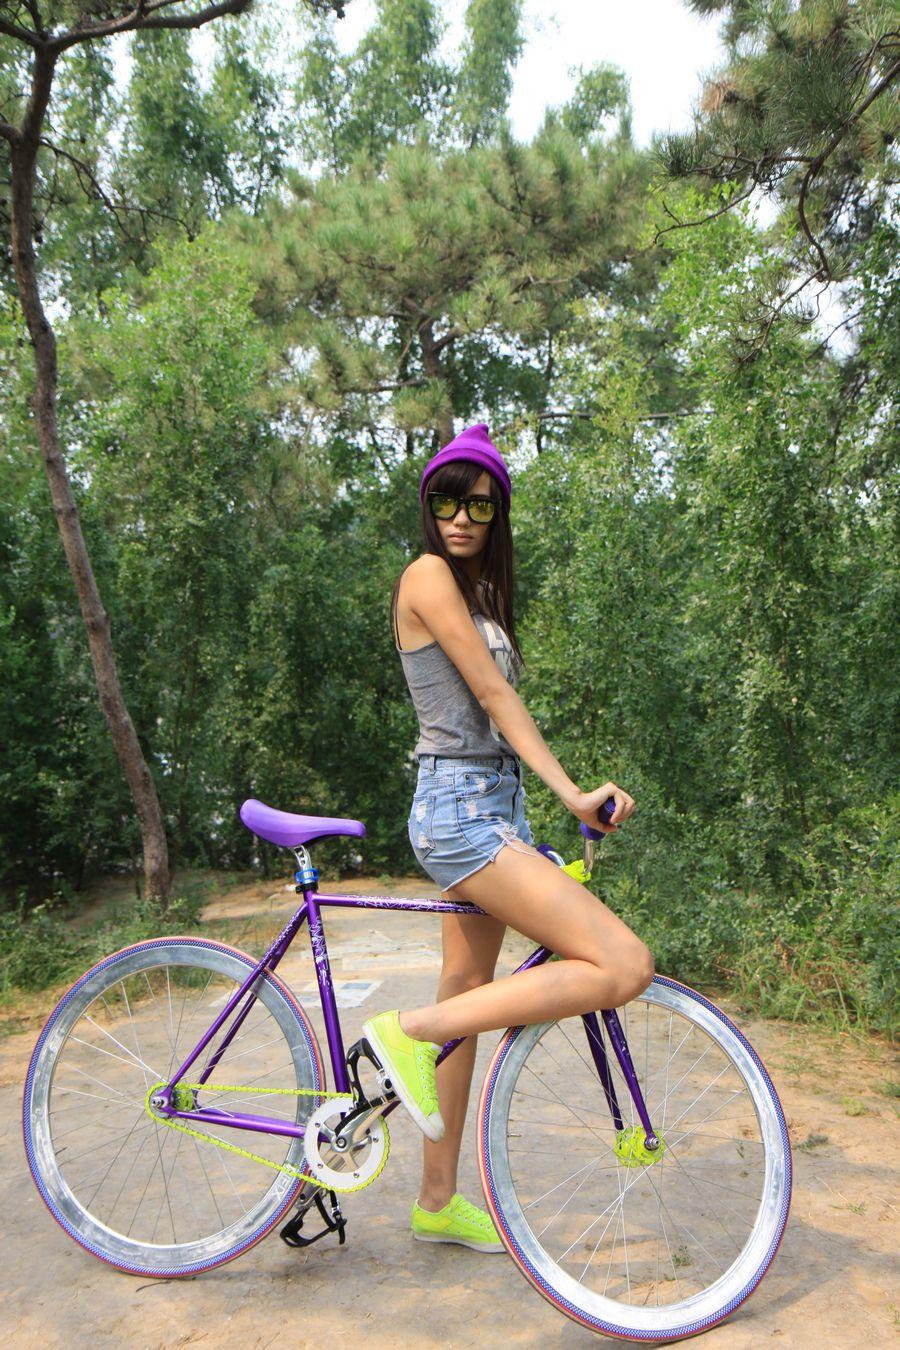 就是要不一样,个性十足的死飞自行车图片分享 图1